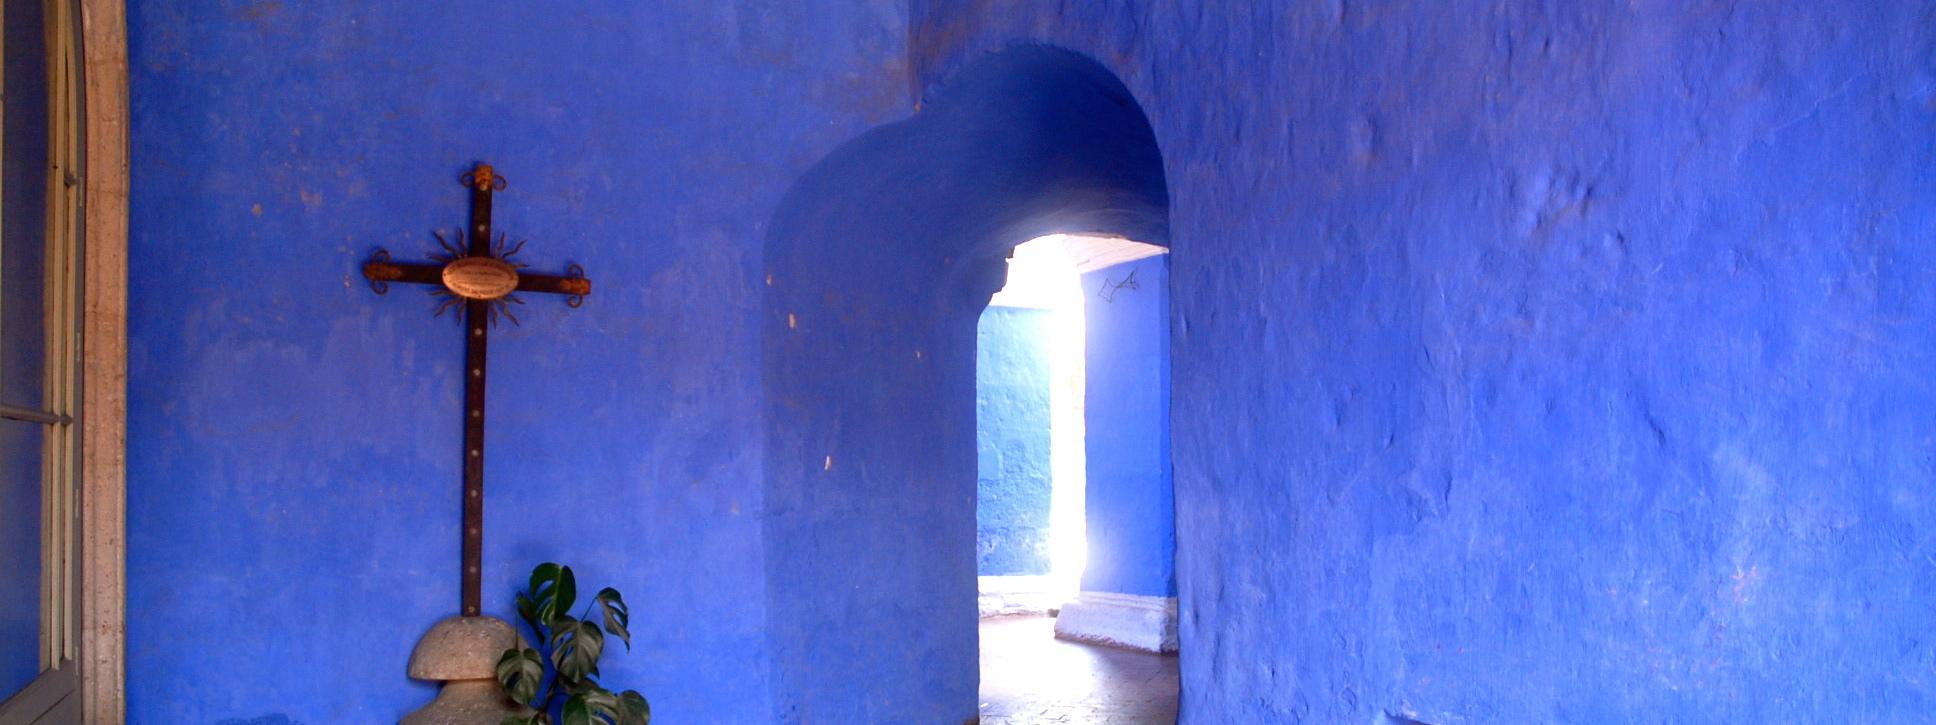 colca canyon e arequipa - www.peruresponsbaile.it - turismo responsabile e solid